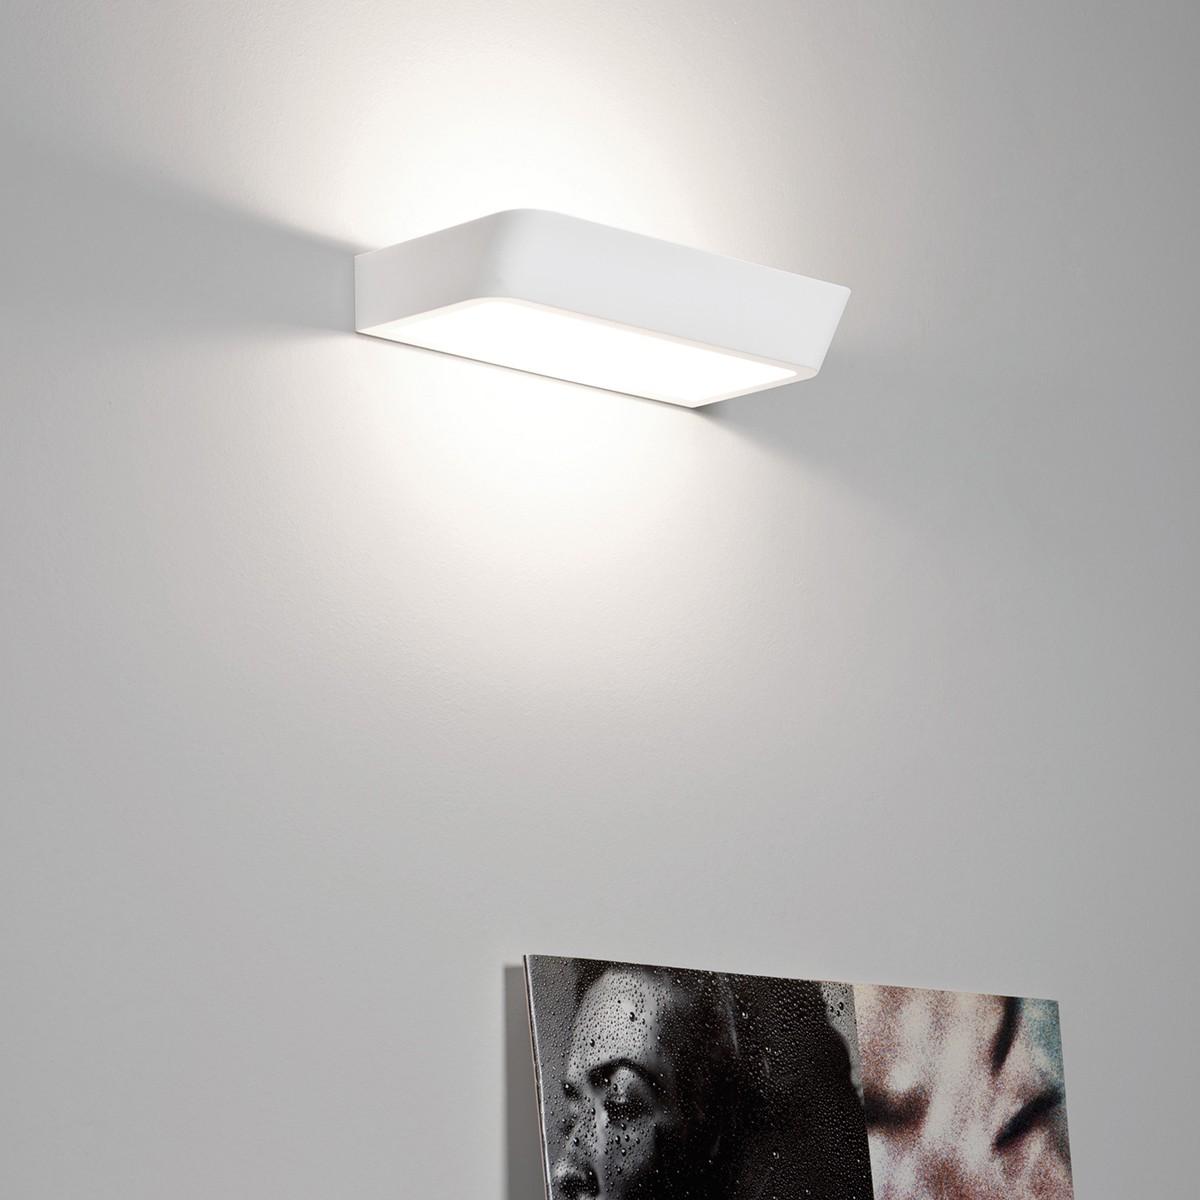 Rotaliana Belvedere W2 LED Wandleuchte On/Off, 3000 °K, weiß matt